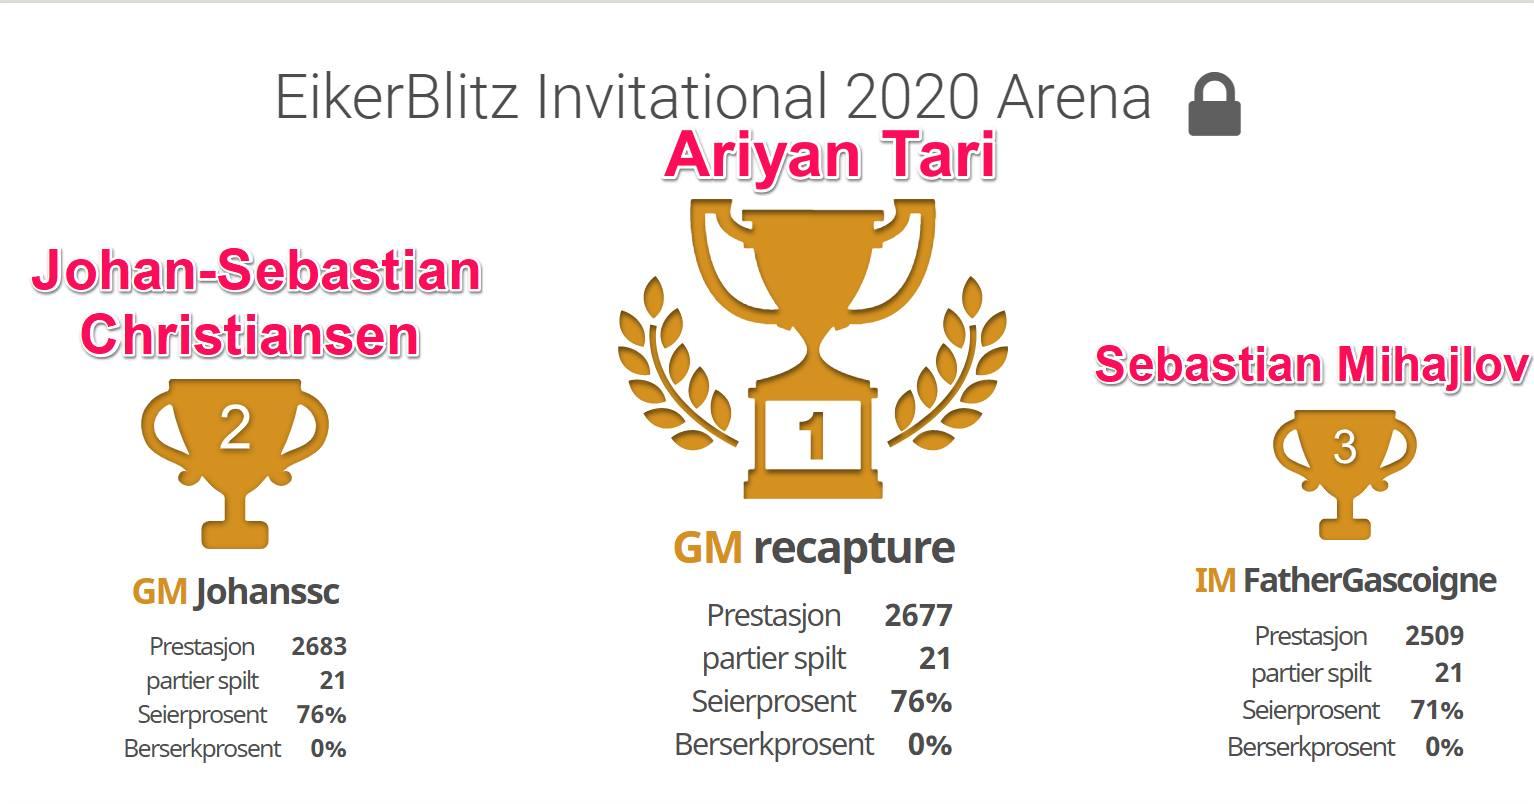 Eiker_blitz_invitational_2020